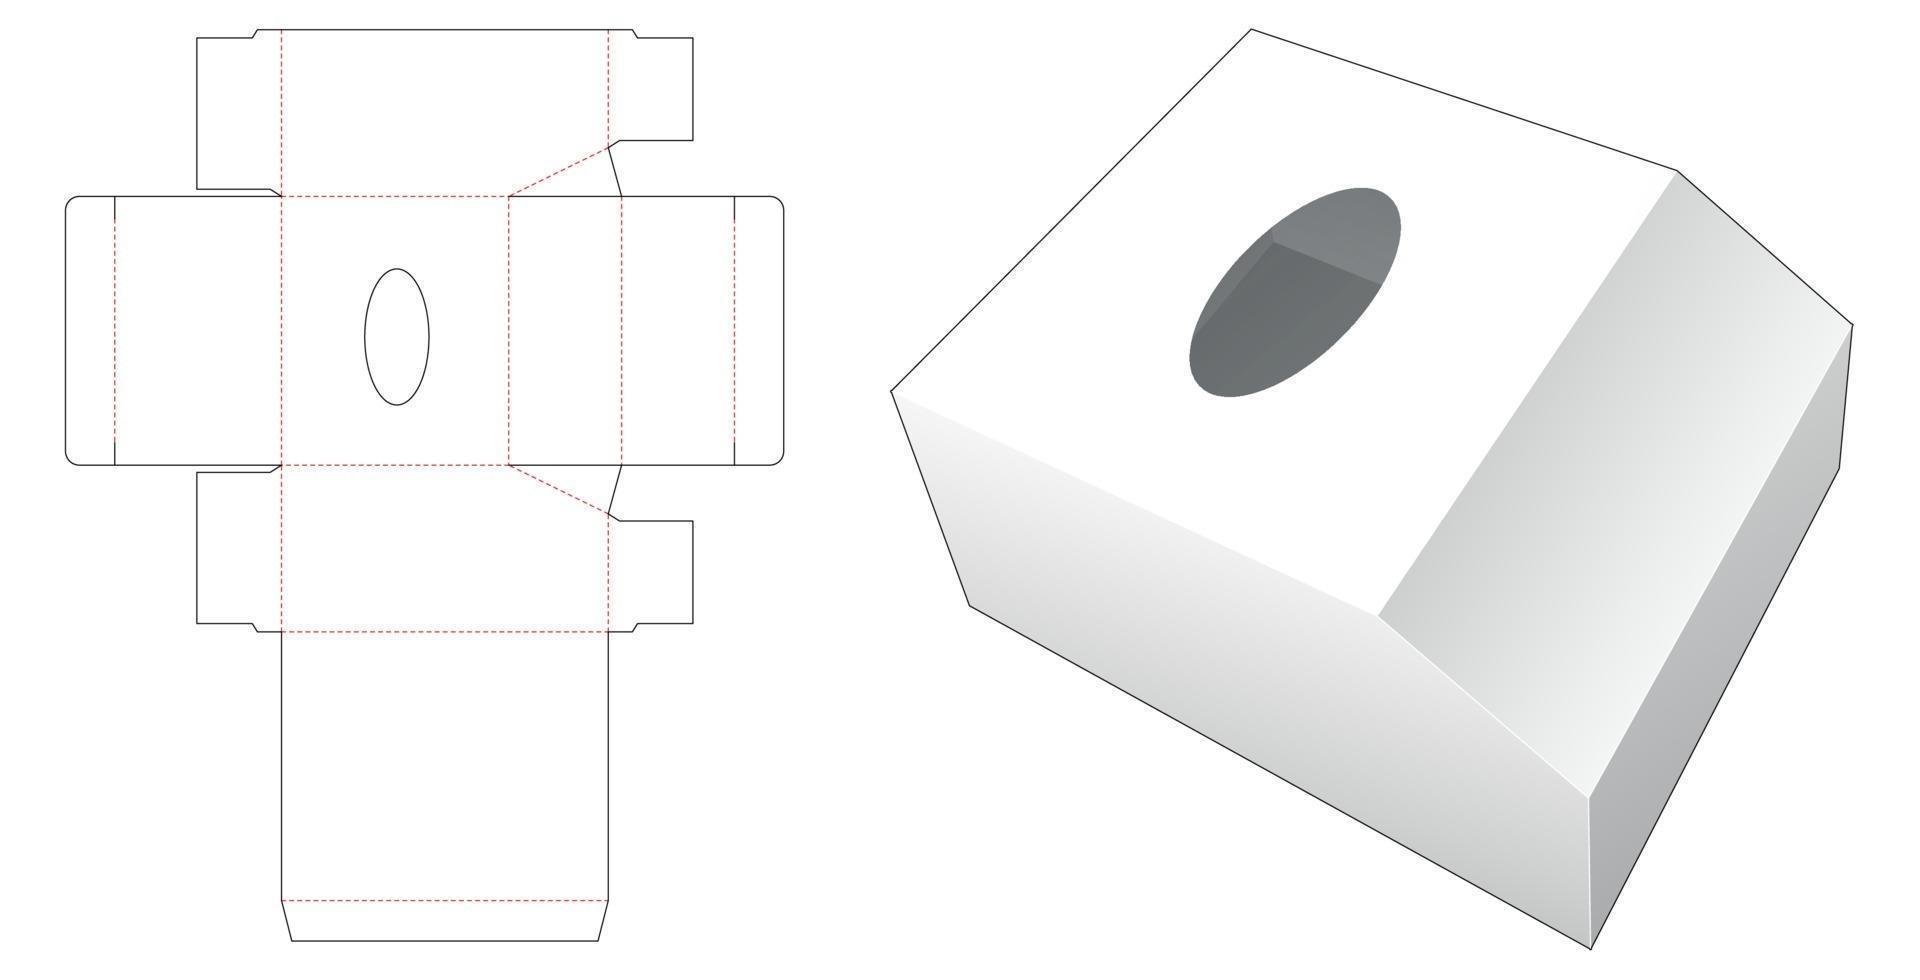 abgeschrägte Tissue Box Stanzschablone vektor